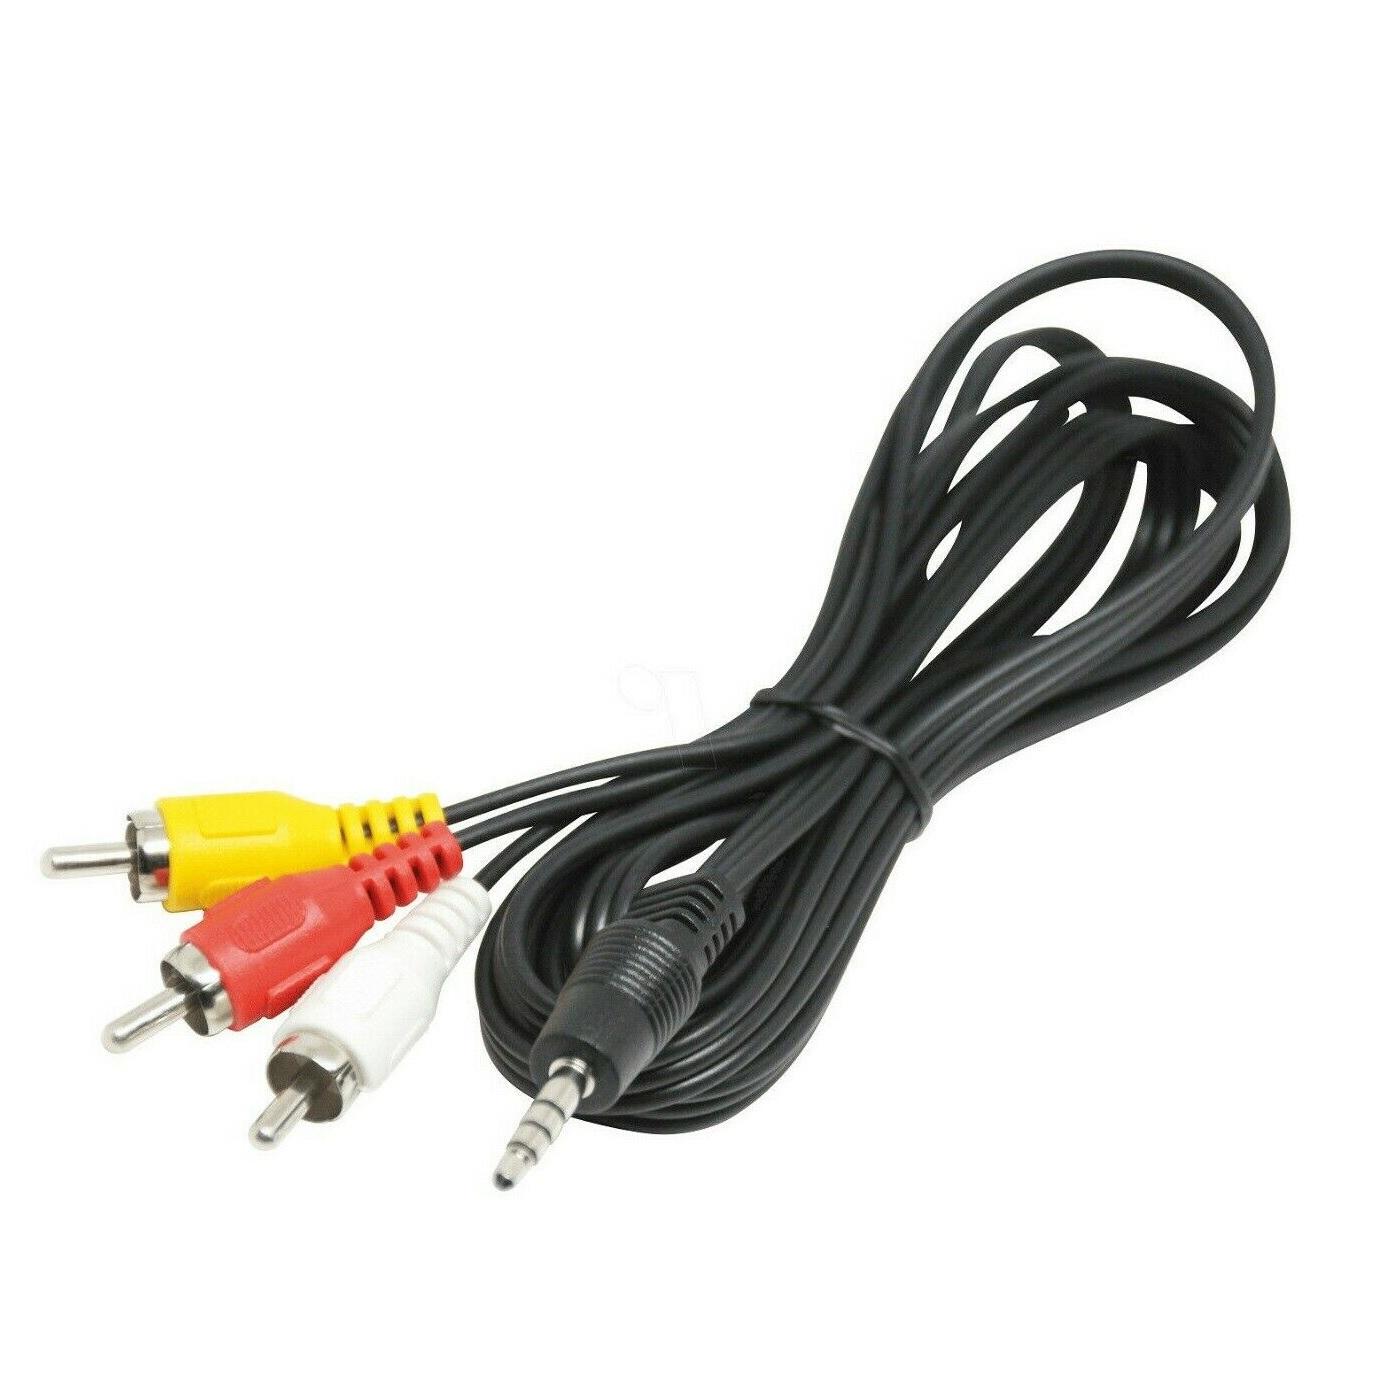 Xoro AV2 Adapterkabel ACC400514 für HRT 8729 8730 8770 8772 8780 HRK 7670 7672